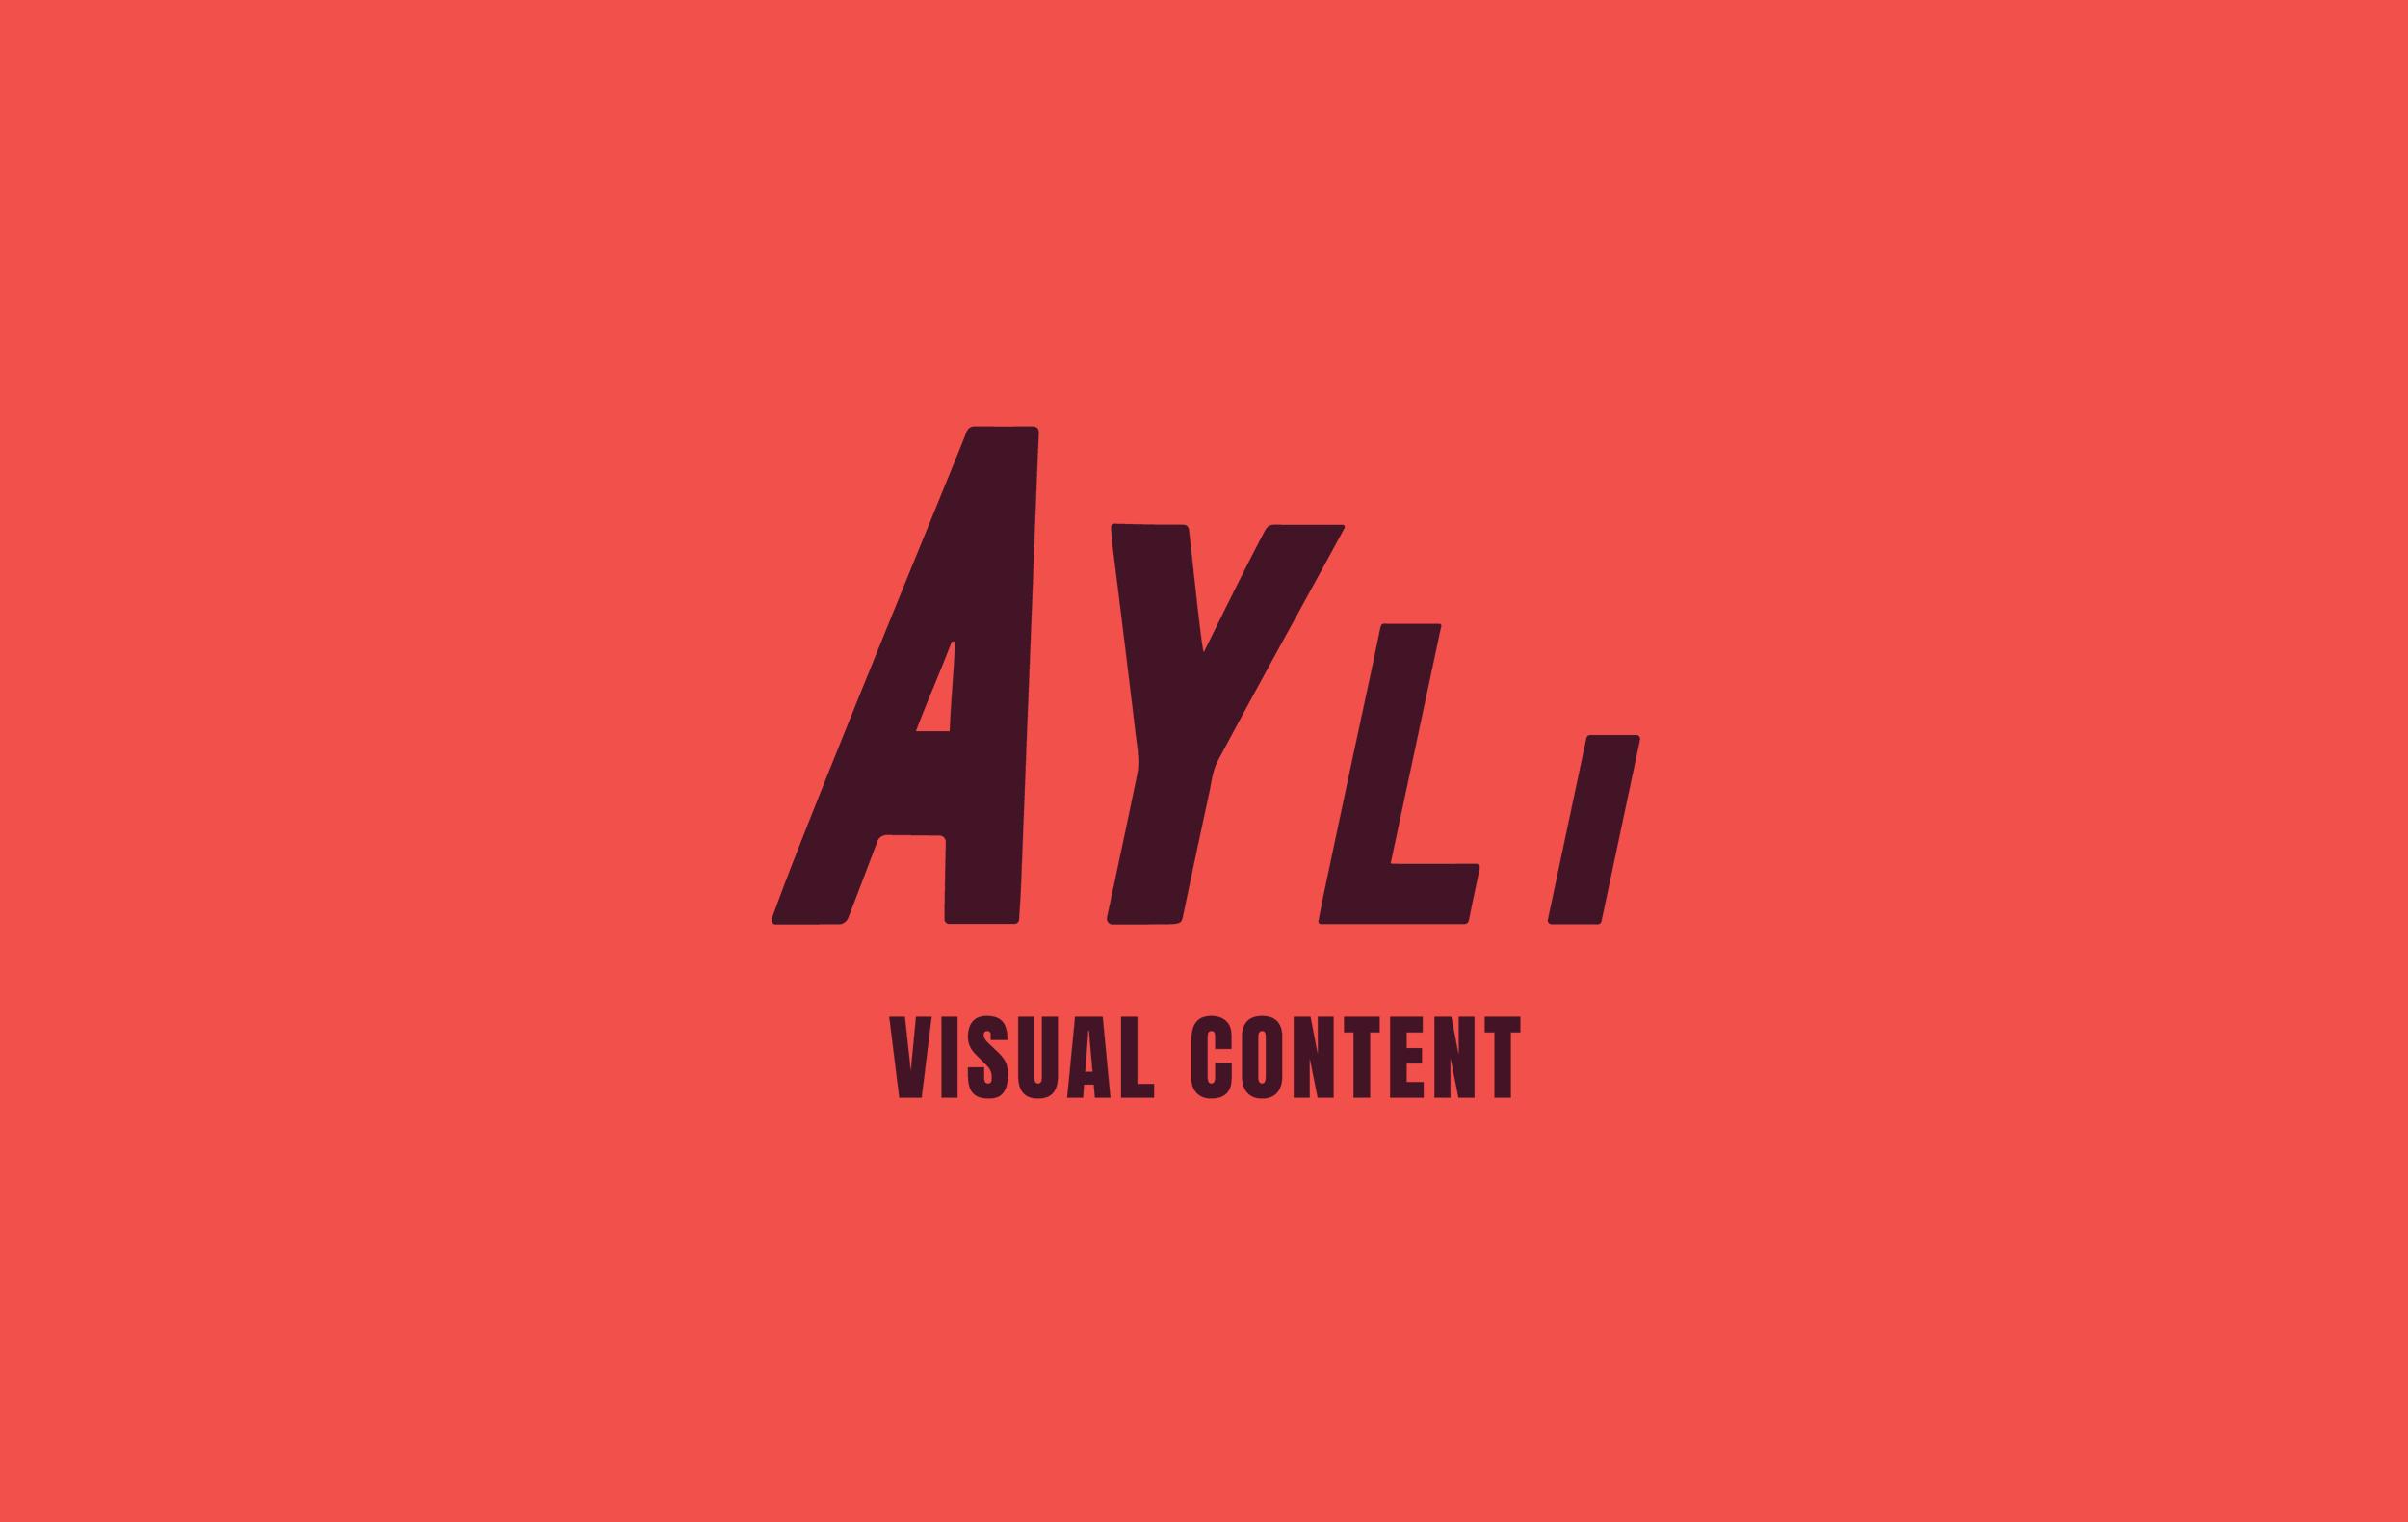 01.-Ayli_Logo